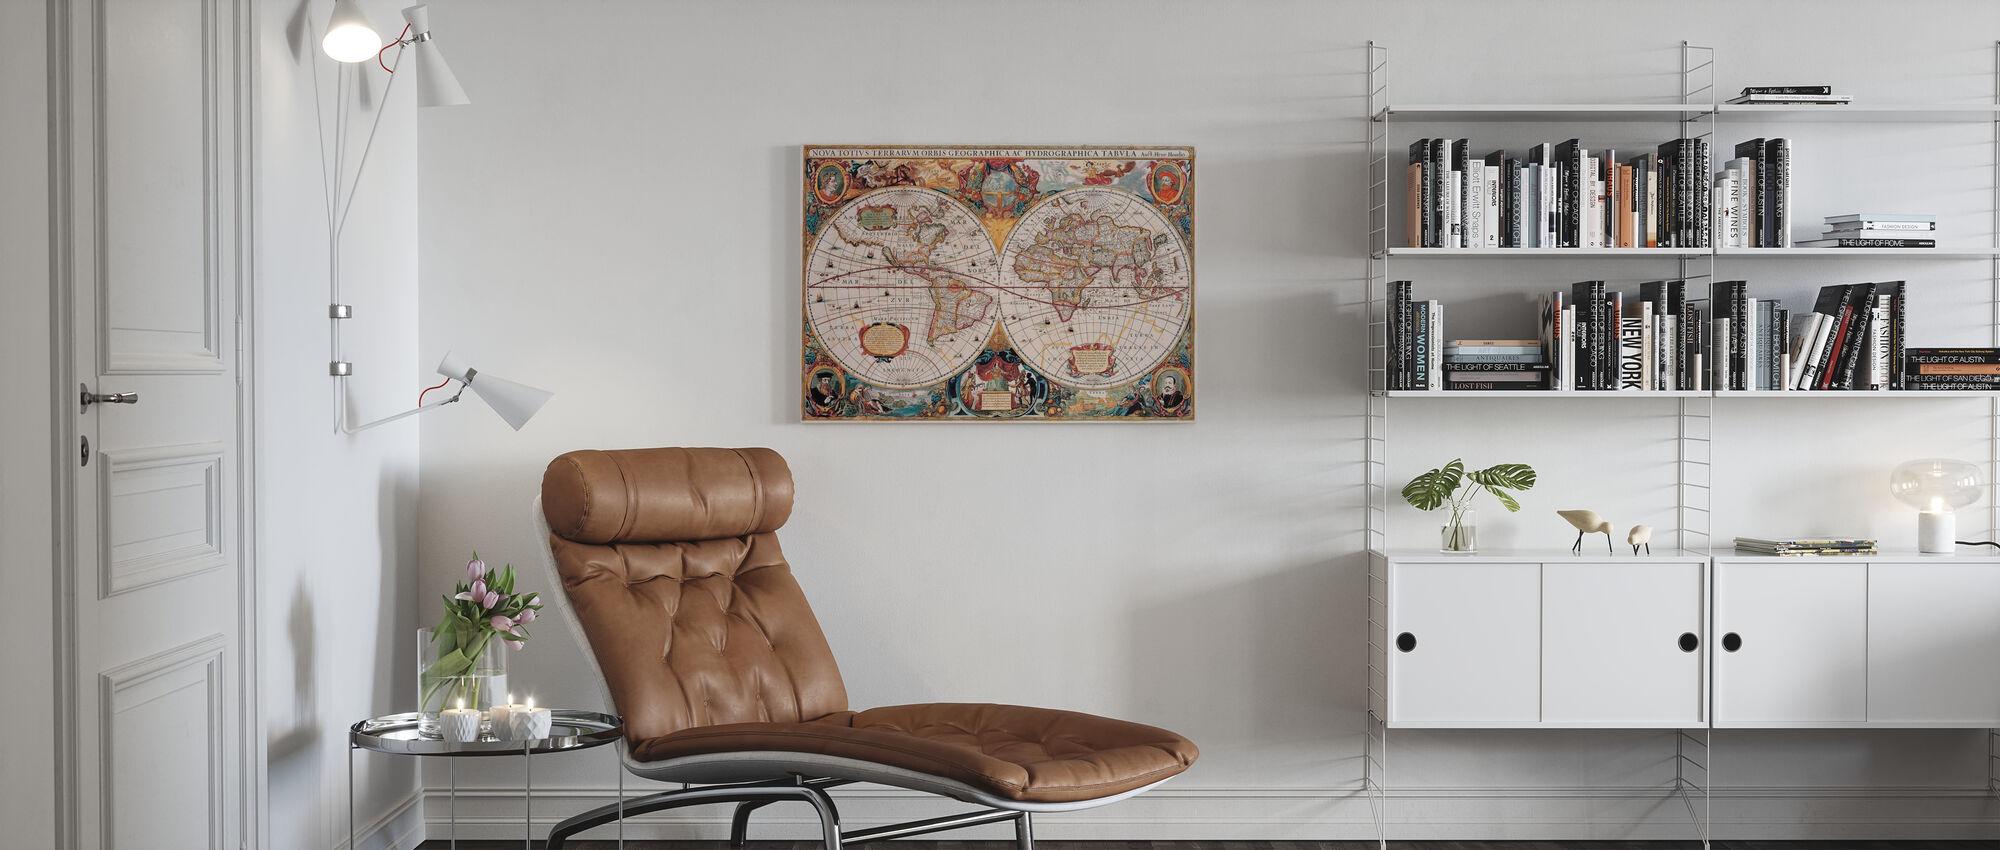 Antique Map - Henricus Hondius 1630 - Canvas print - Living Room